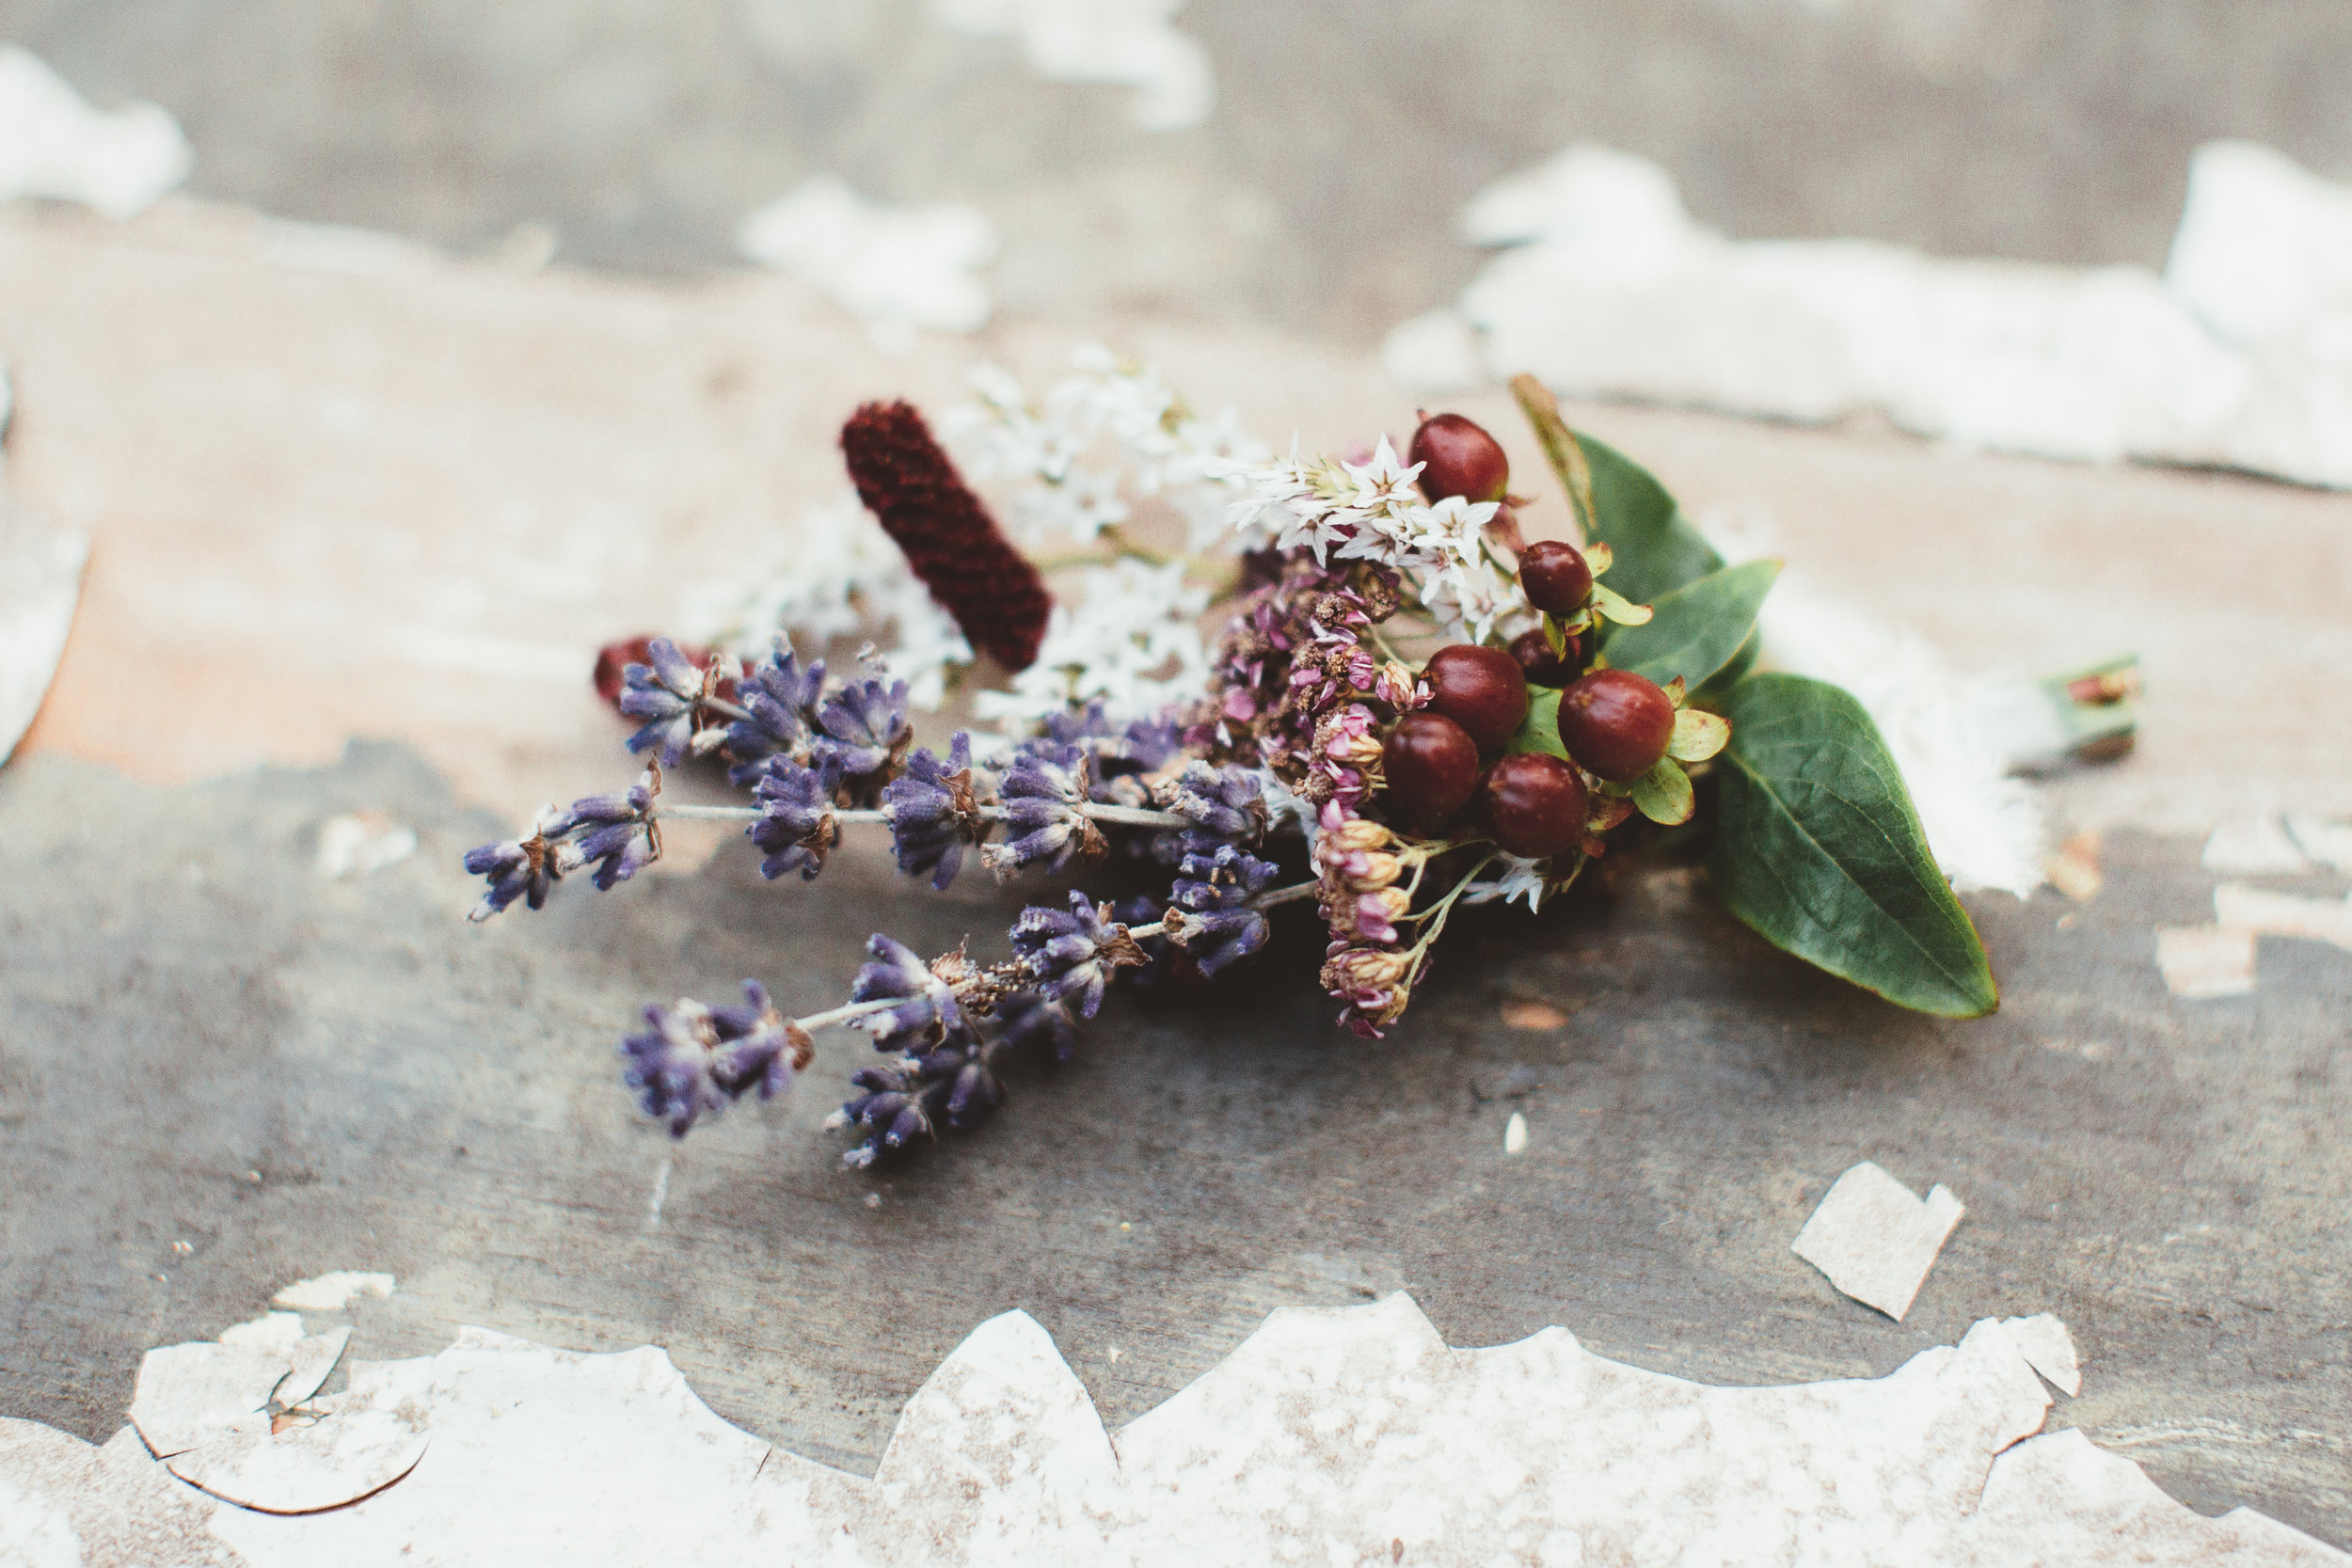 jennifer pinder flower school is voted best in England photos of portfolio summer wedding workshop - maryanneweddings-249.jpg